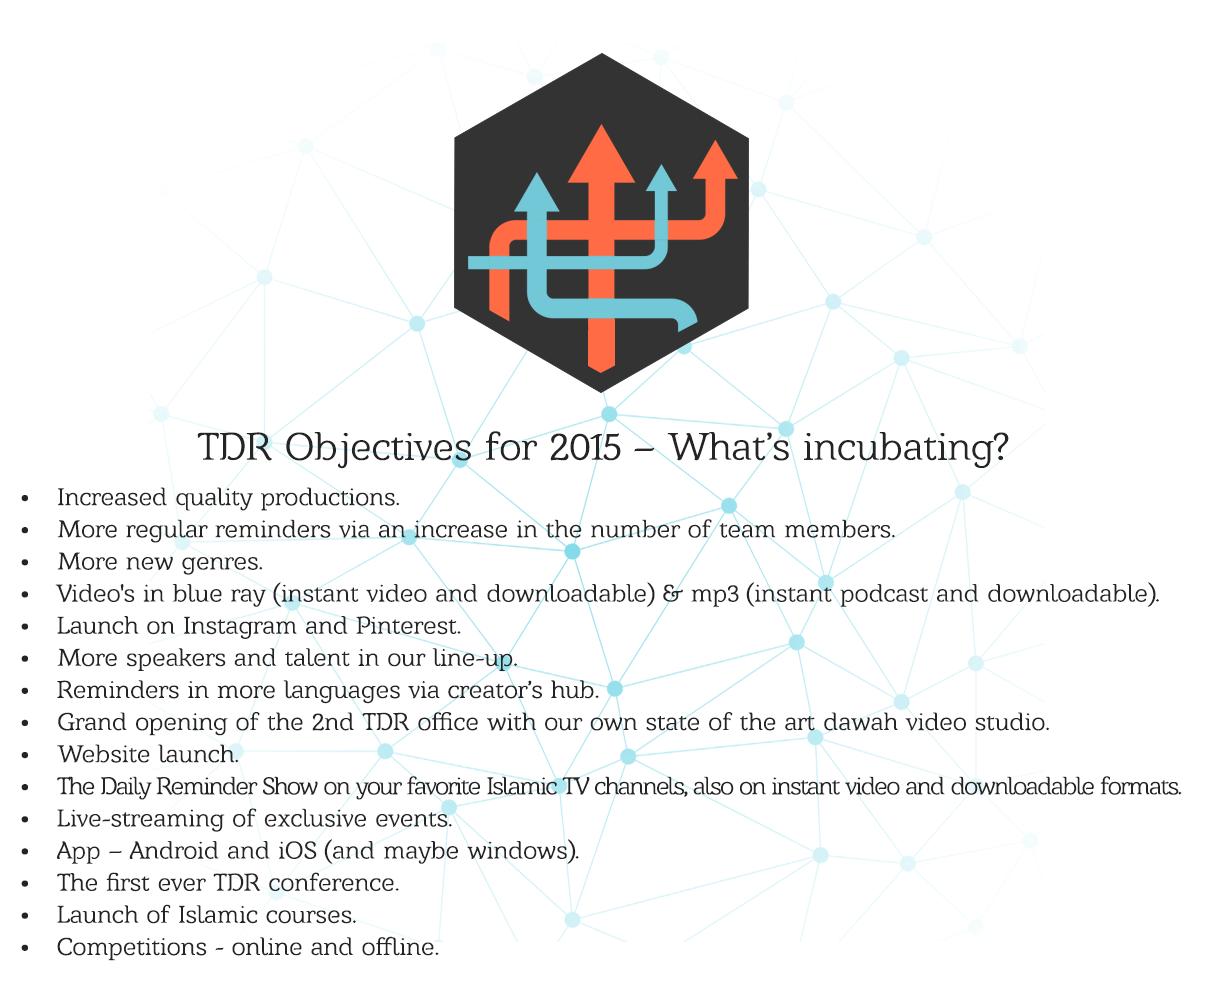 TDR Objectives 2015